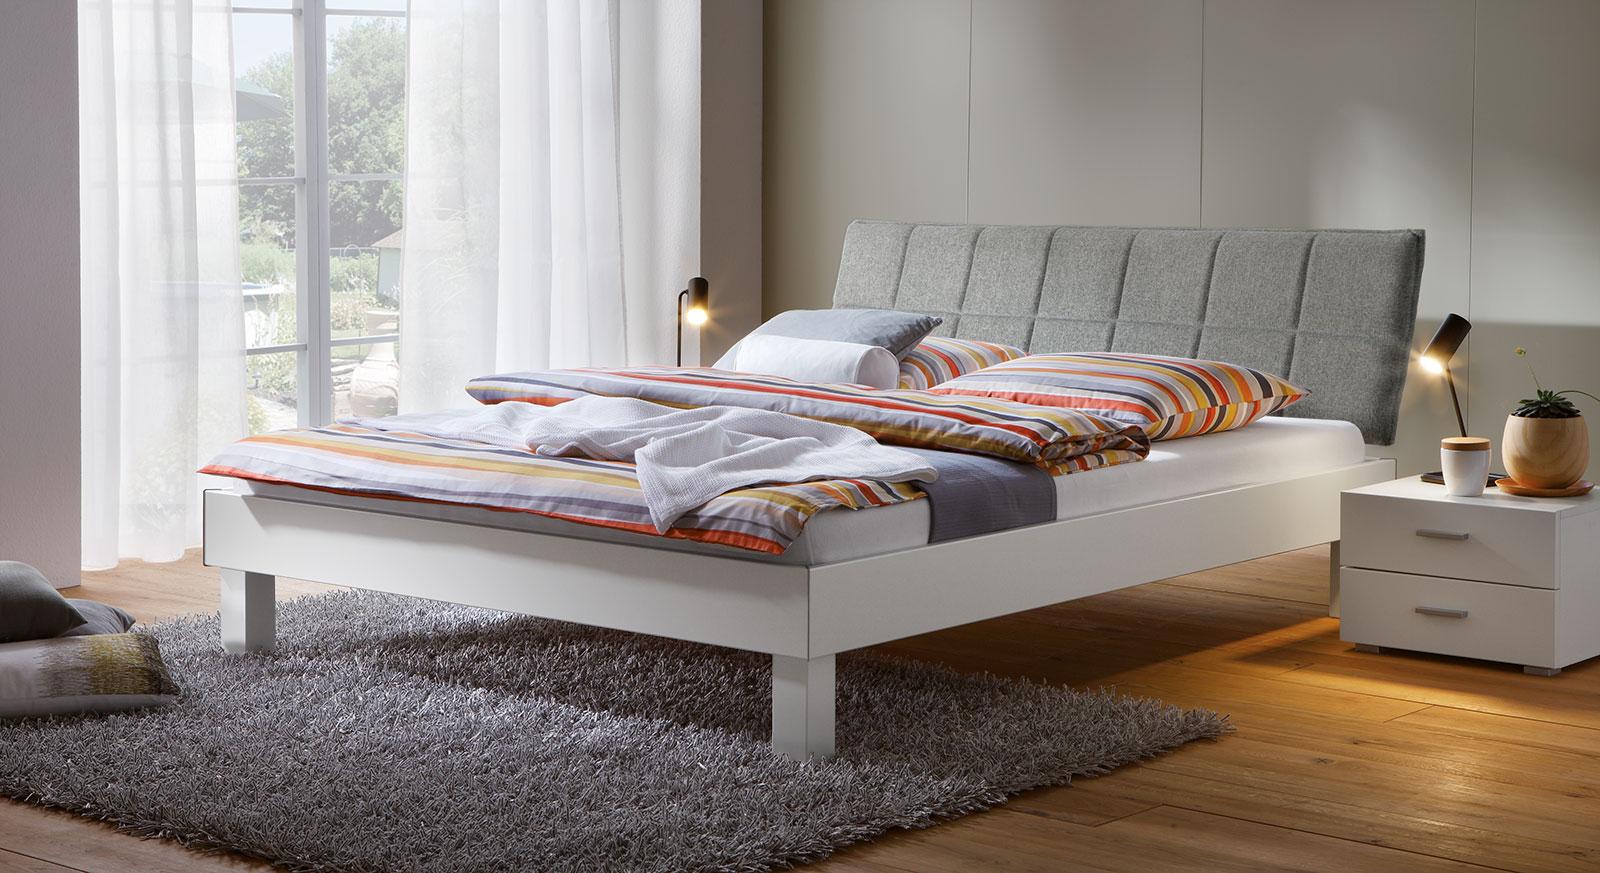 Full Size of Bett 160x200 Mit Lattenrost Komplett Weißes Betten Und Matratze Schlafsofa Liegefläche Weiß Ikea Schubladen Bettkasten Stauraum Wohnzimmer Bettgestell 160x200